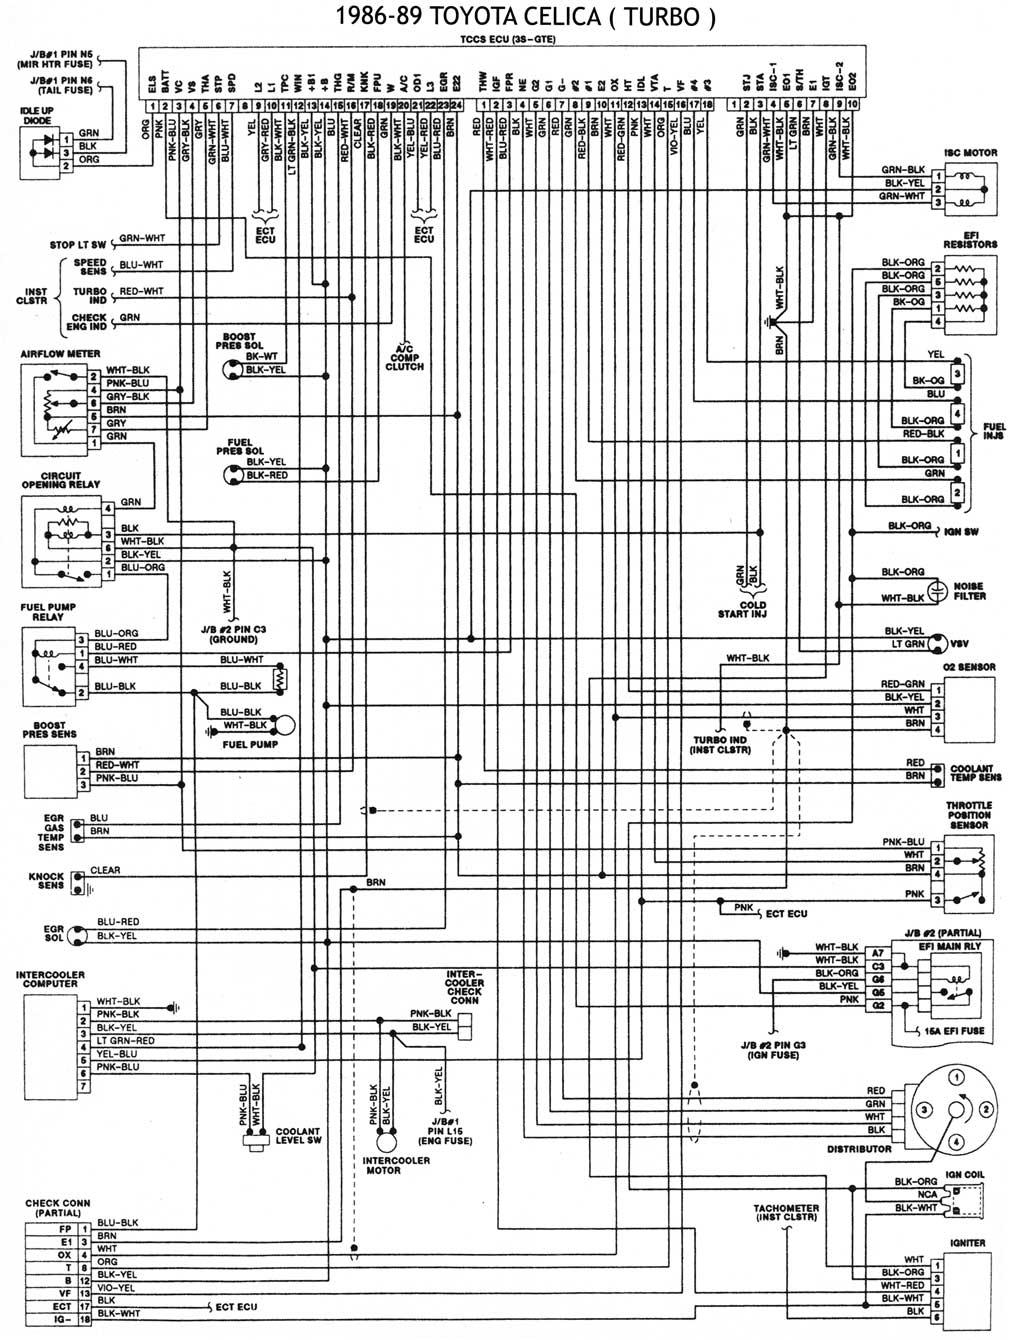 toyota 1986 93 diagramas esquemas ubic de comp mecanica